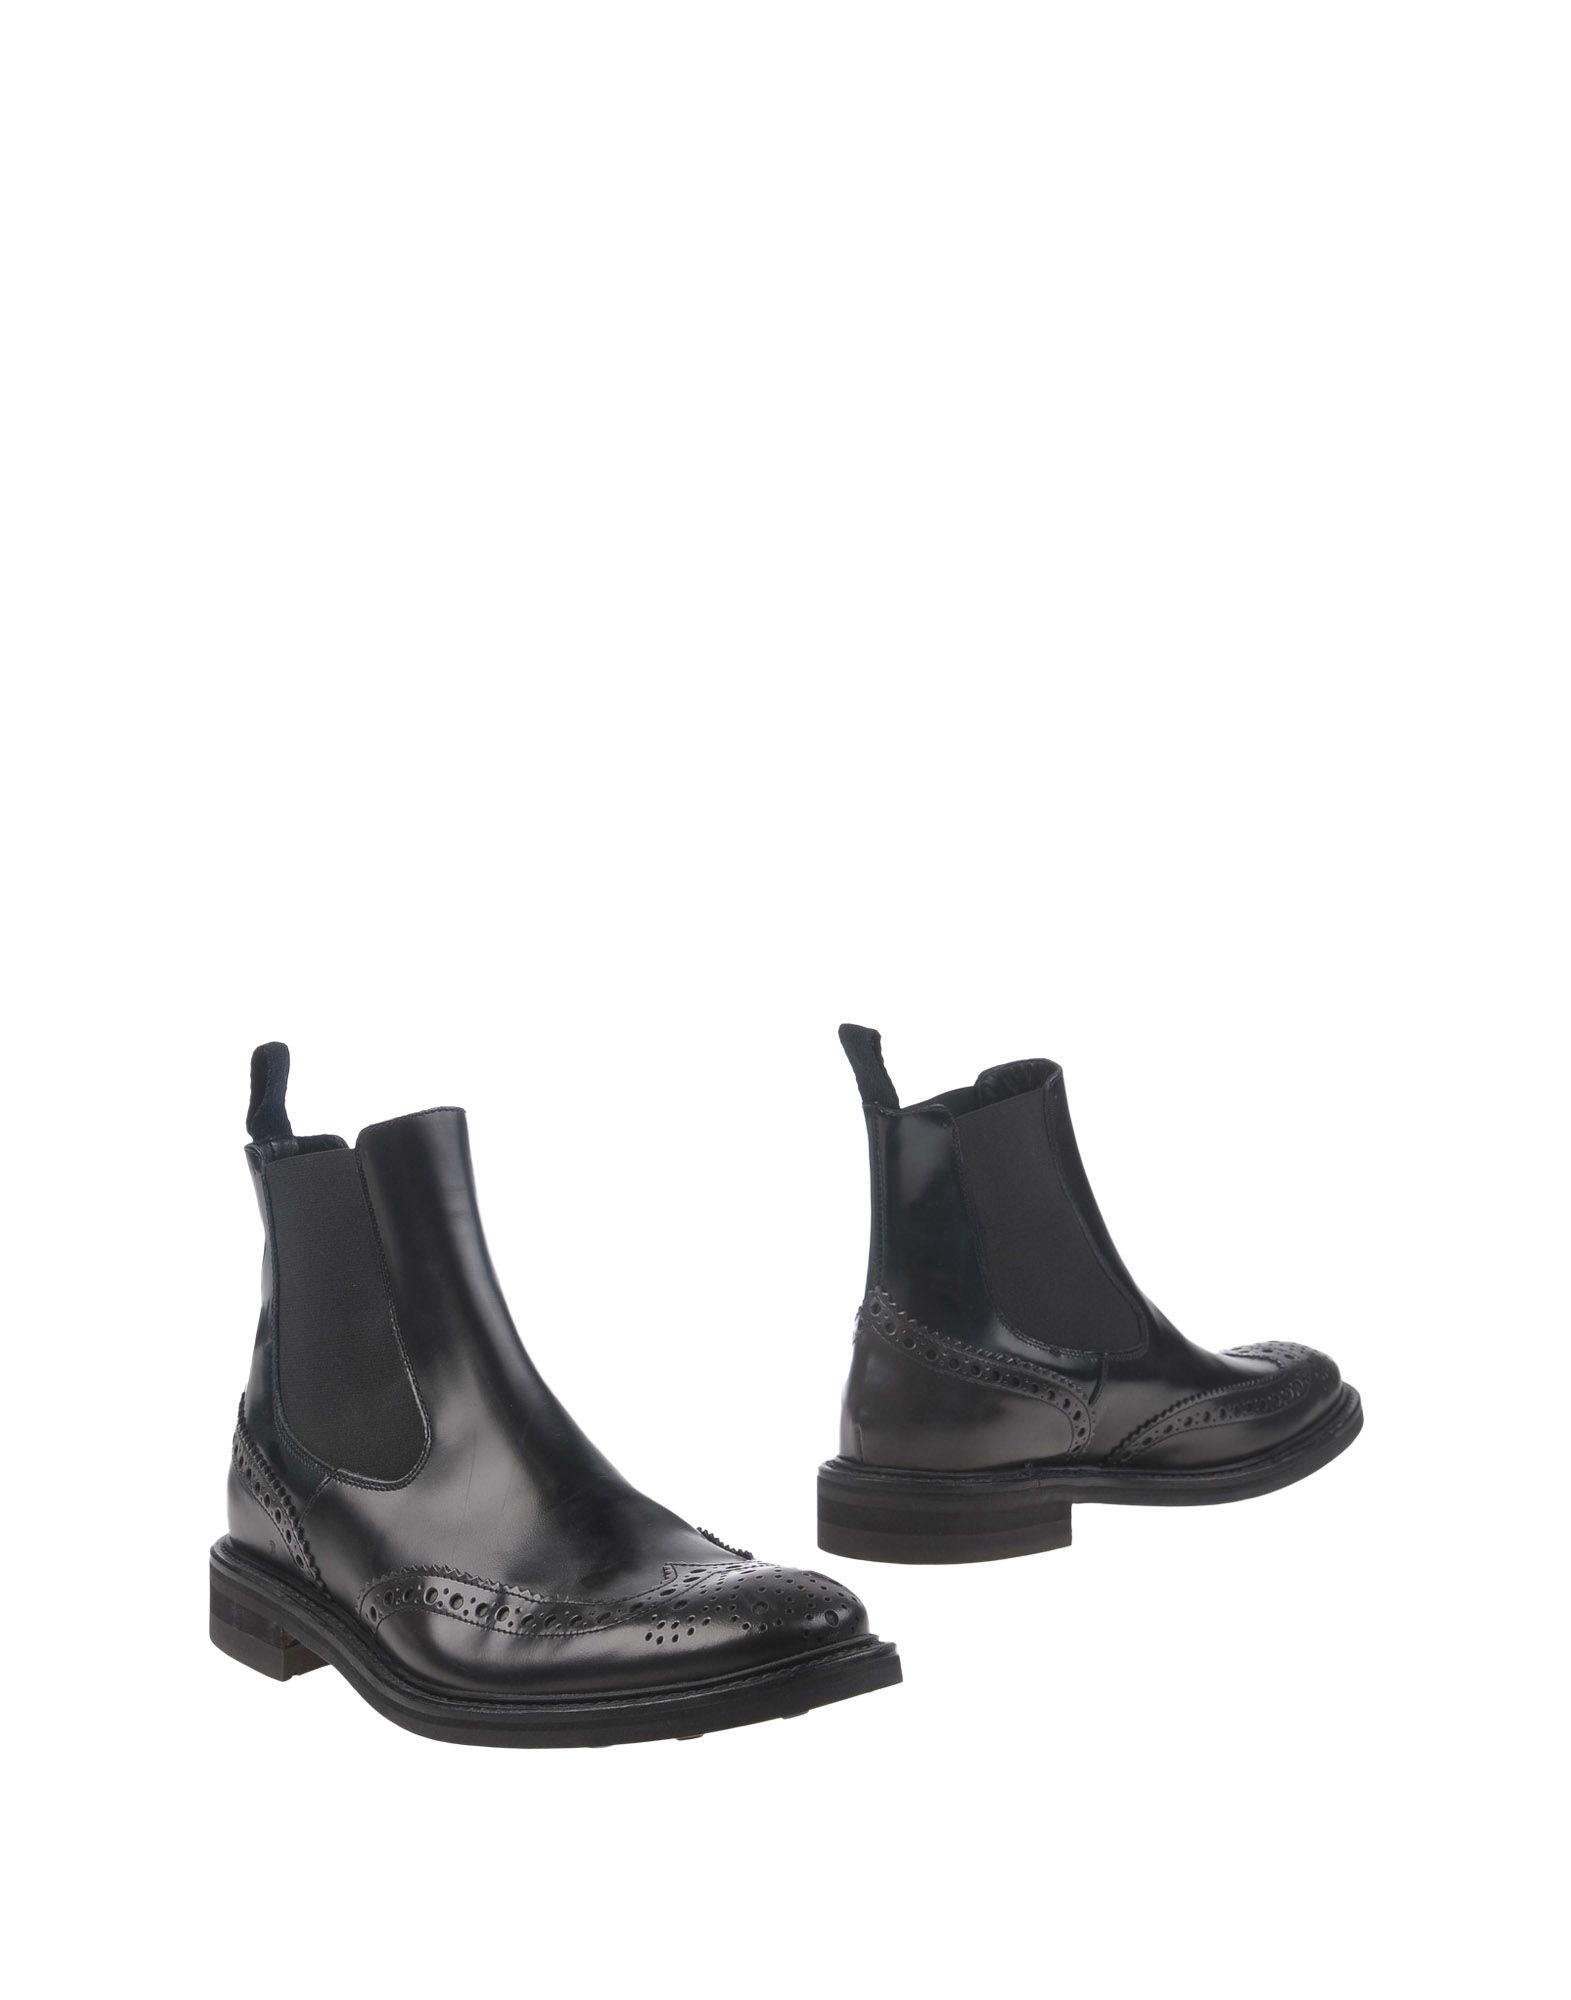 Chelsea Boots 11295724DE Seboy's Donna - 11295724DE Boots 444704